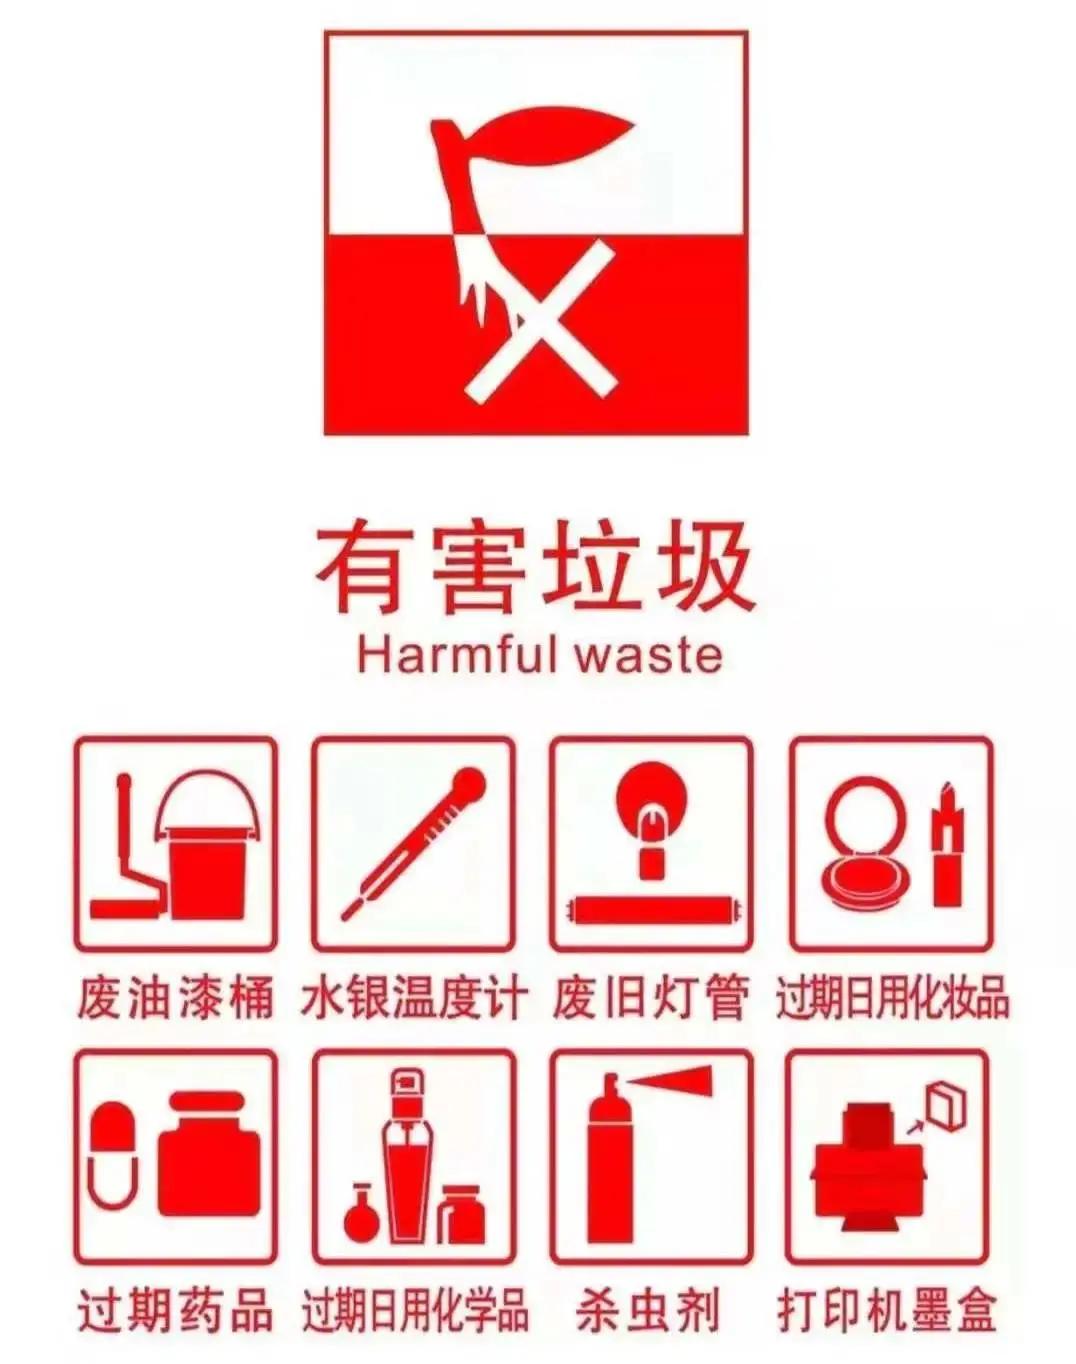 垃圾分类垃圾桶(垃圾分类调查问卷)插图1